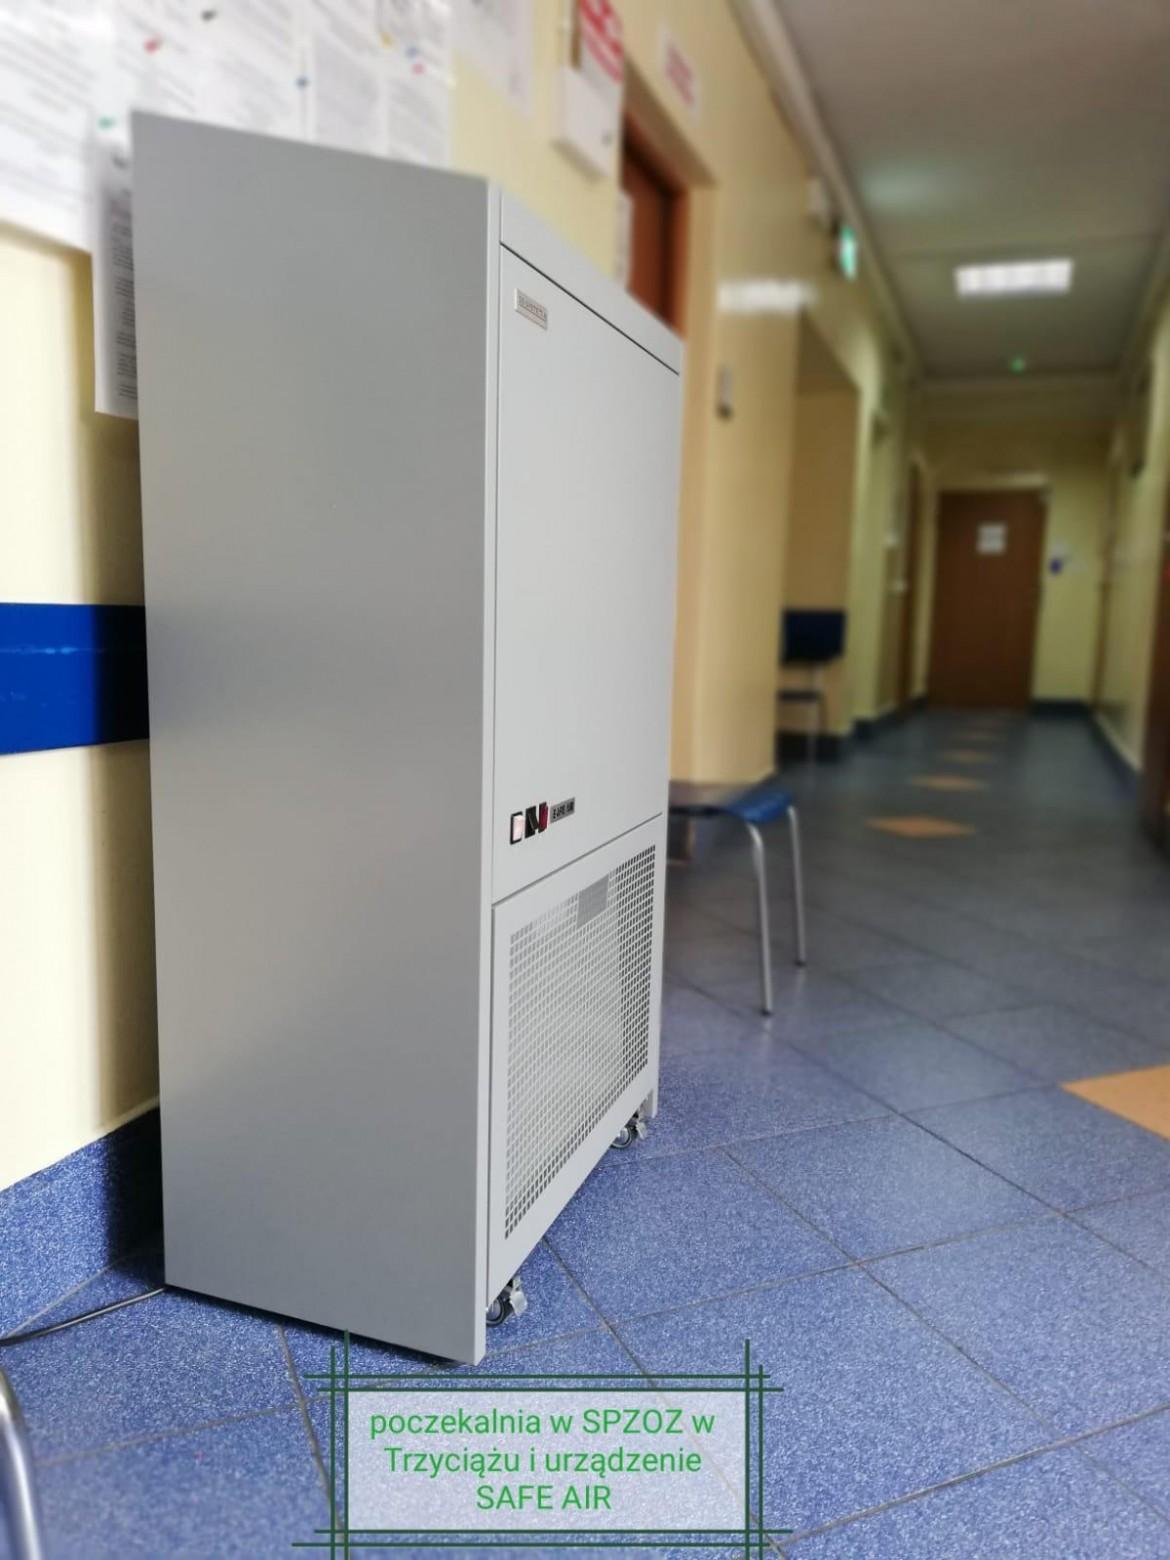 Nowe urządzenia w SPZOZ w Trzyciążu